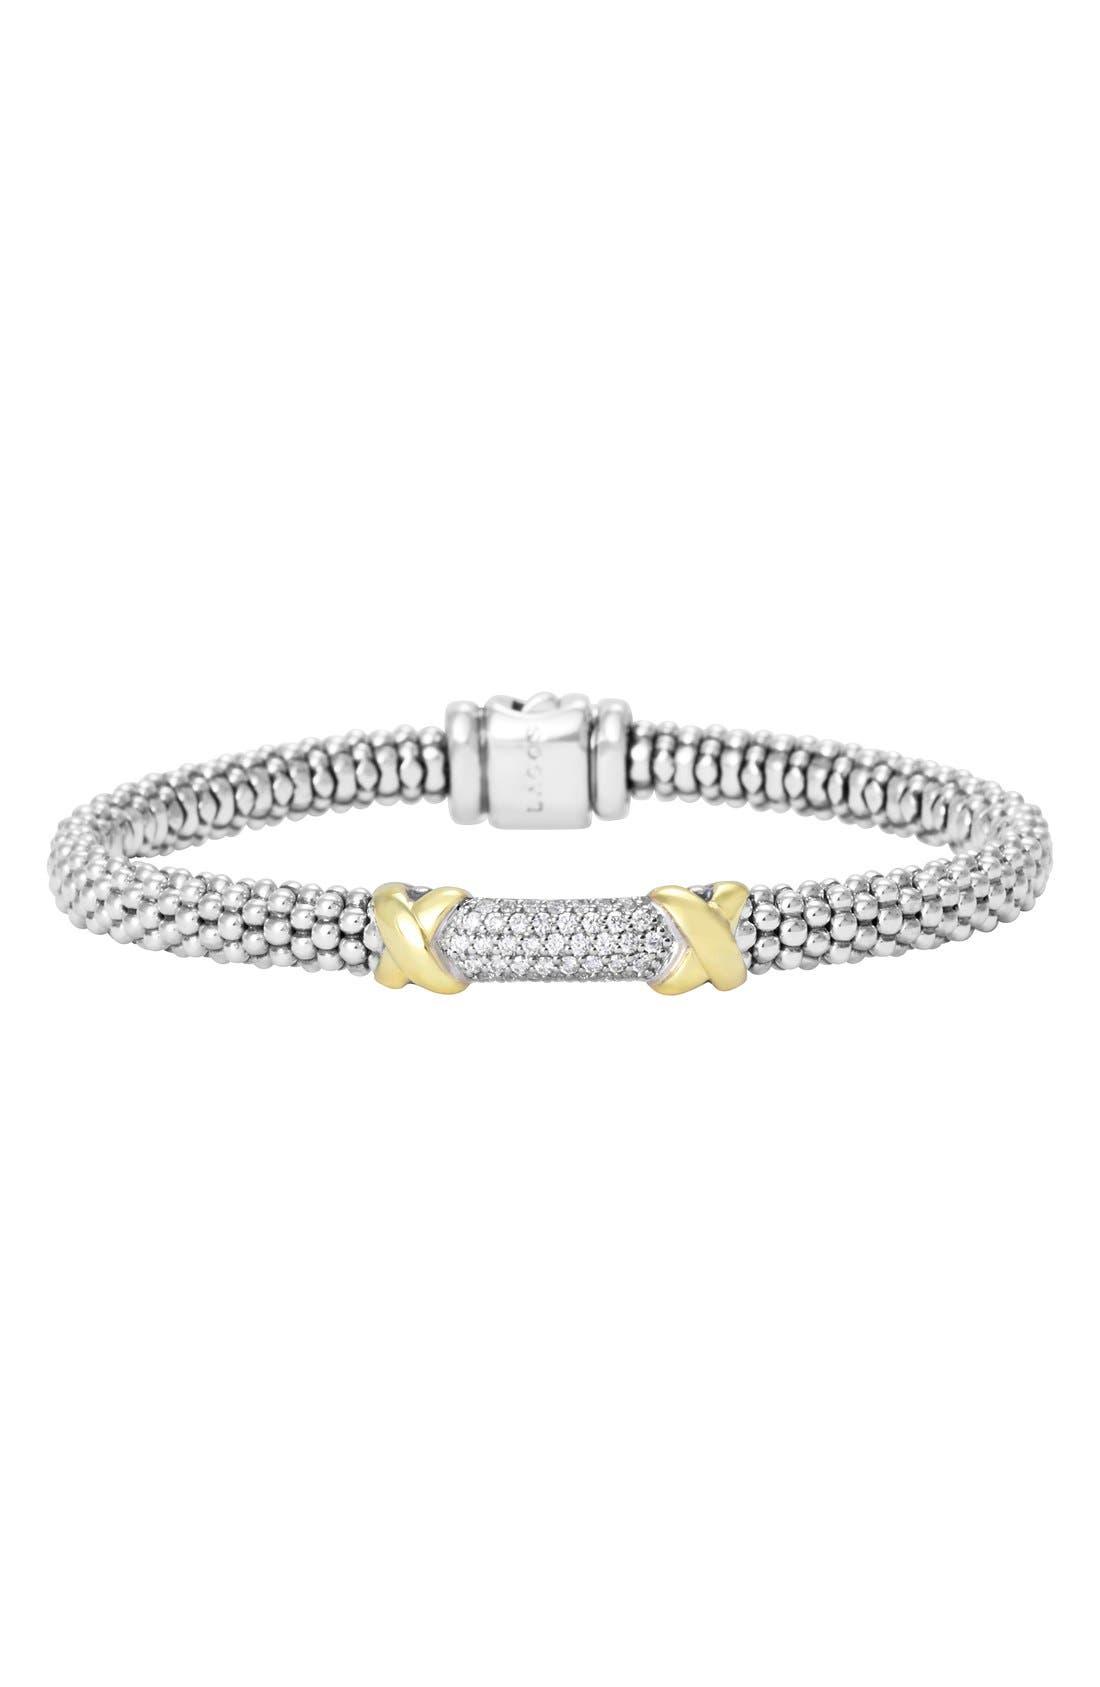 Main Image - LAGOS 'Diamond Lux' Diamond Rope Bracelet